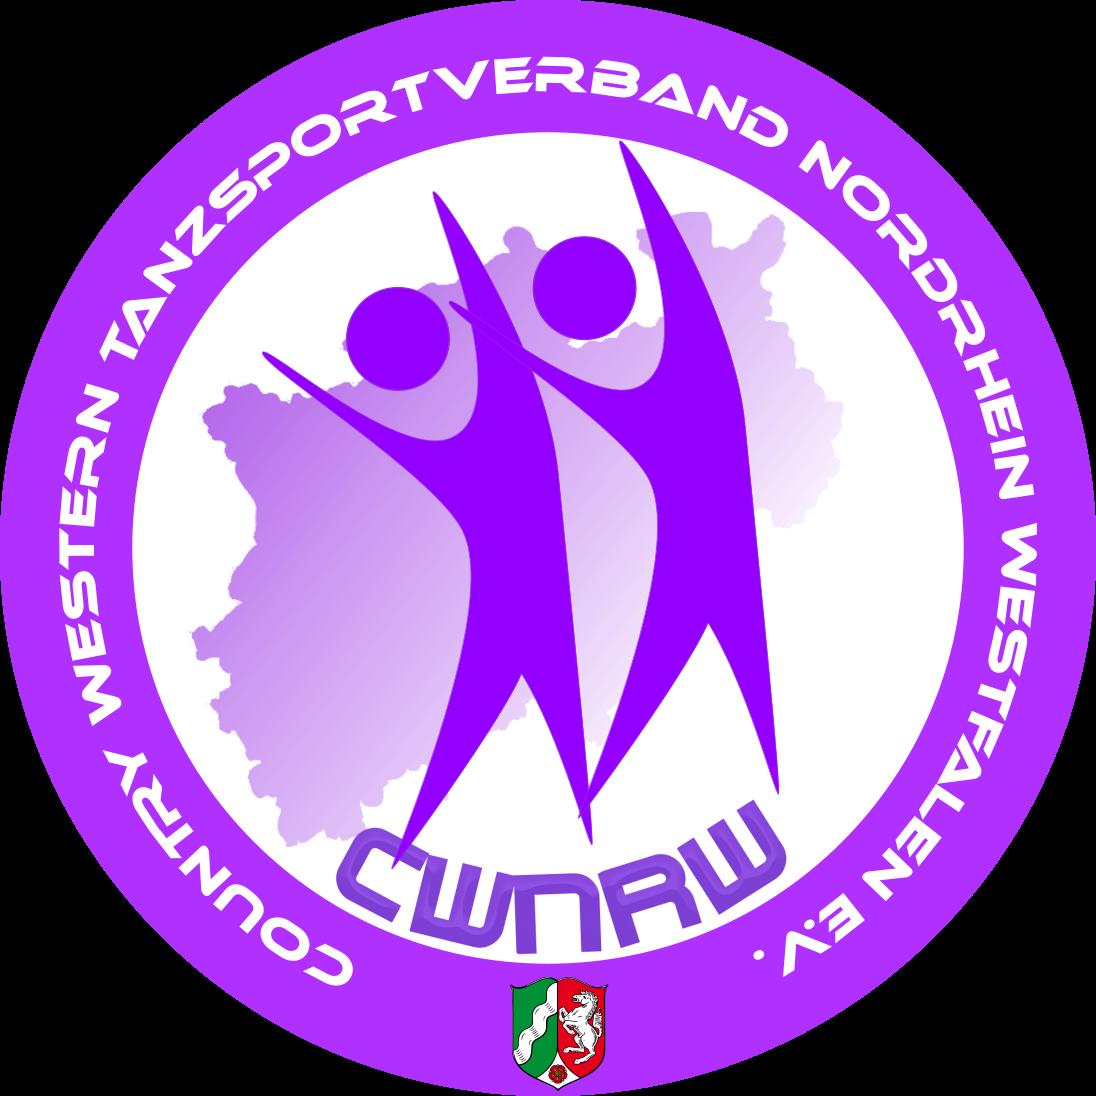 CWNRW